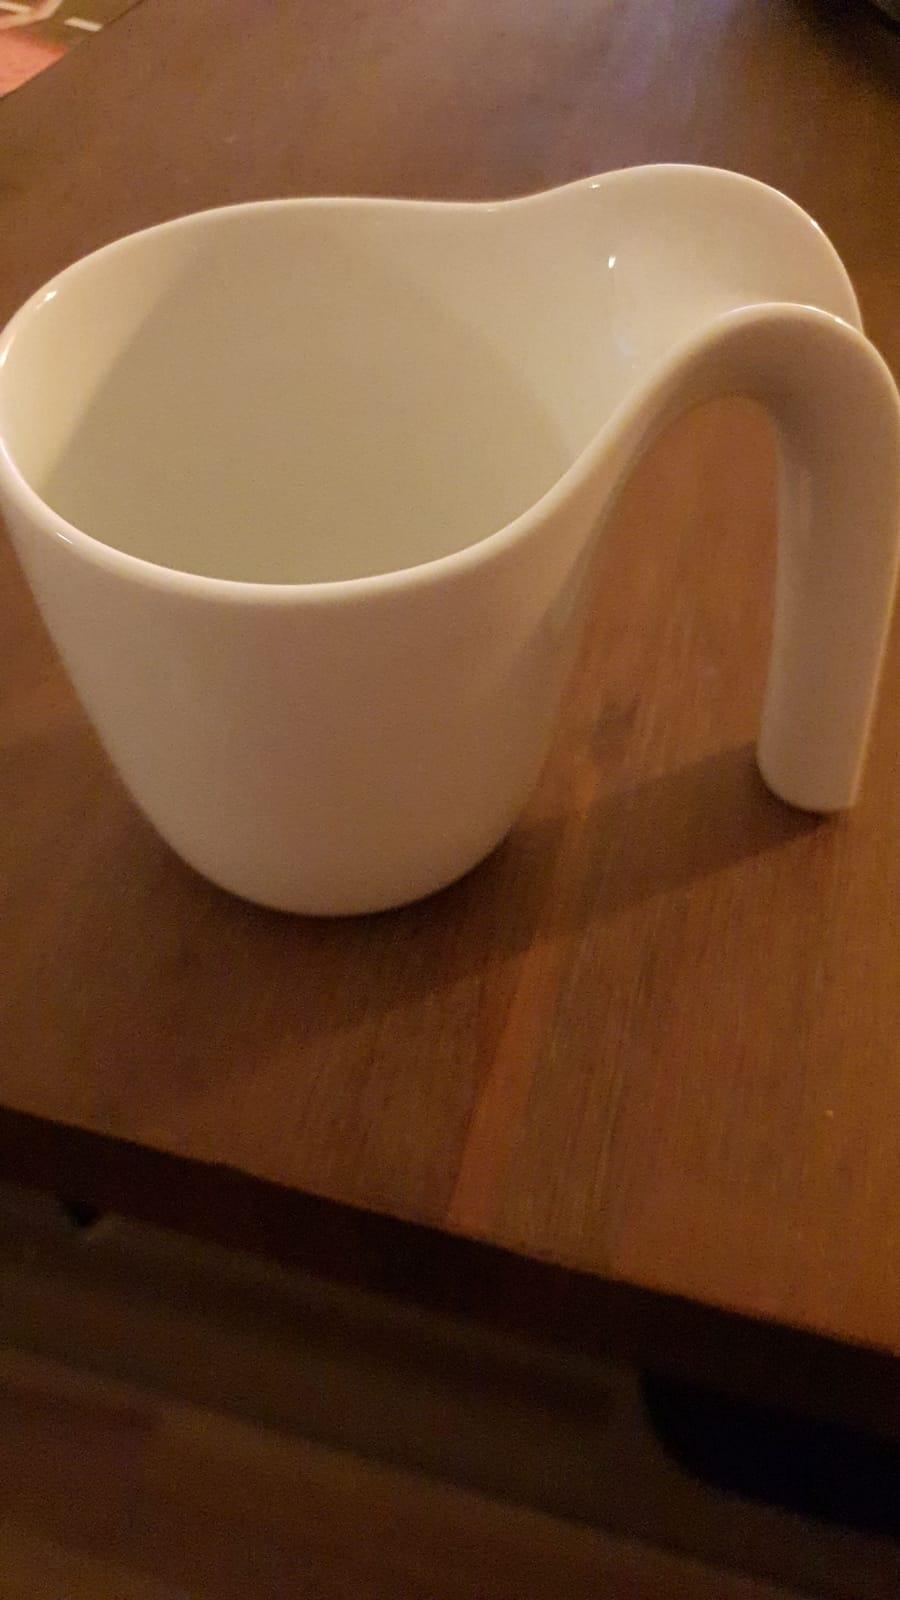 Eine helle Tasse steht auf dunklem Untergrund